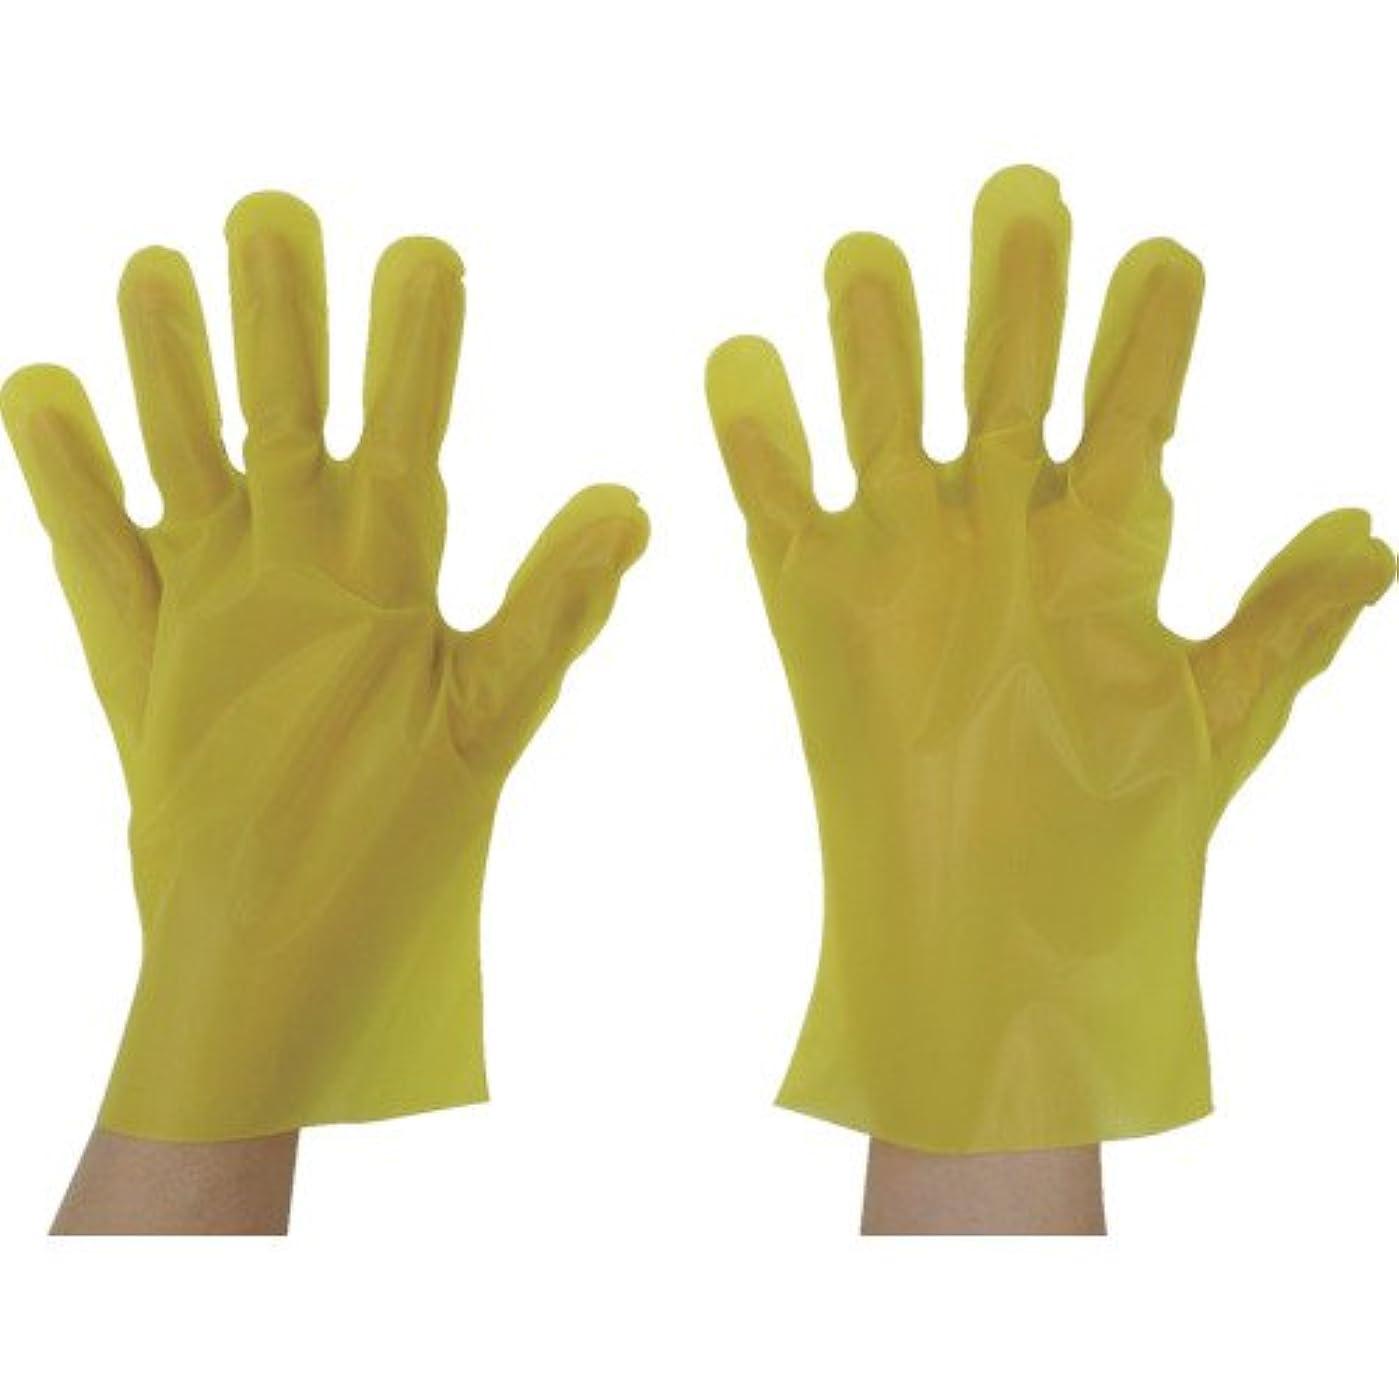 一見証明する二次東京パック エンボス手袋五本絞りエコノミー化粧箱M イエロー YEK-M